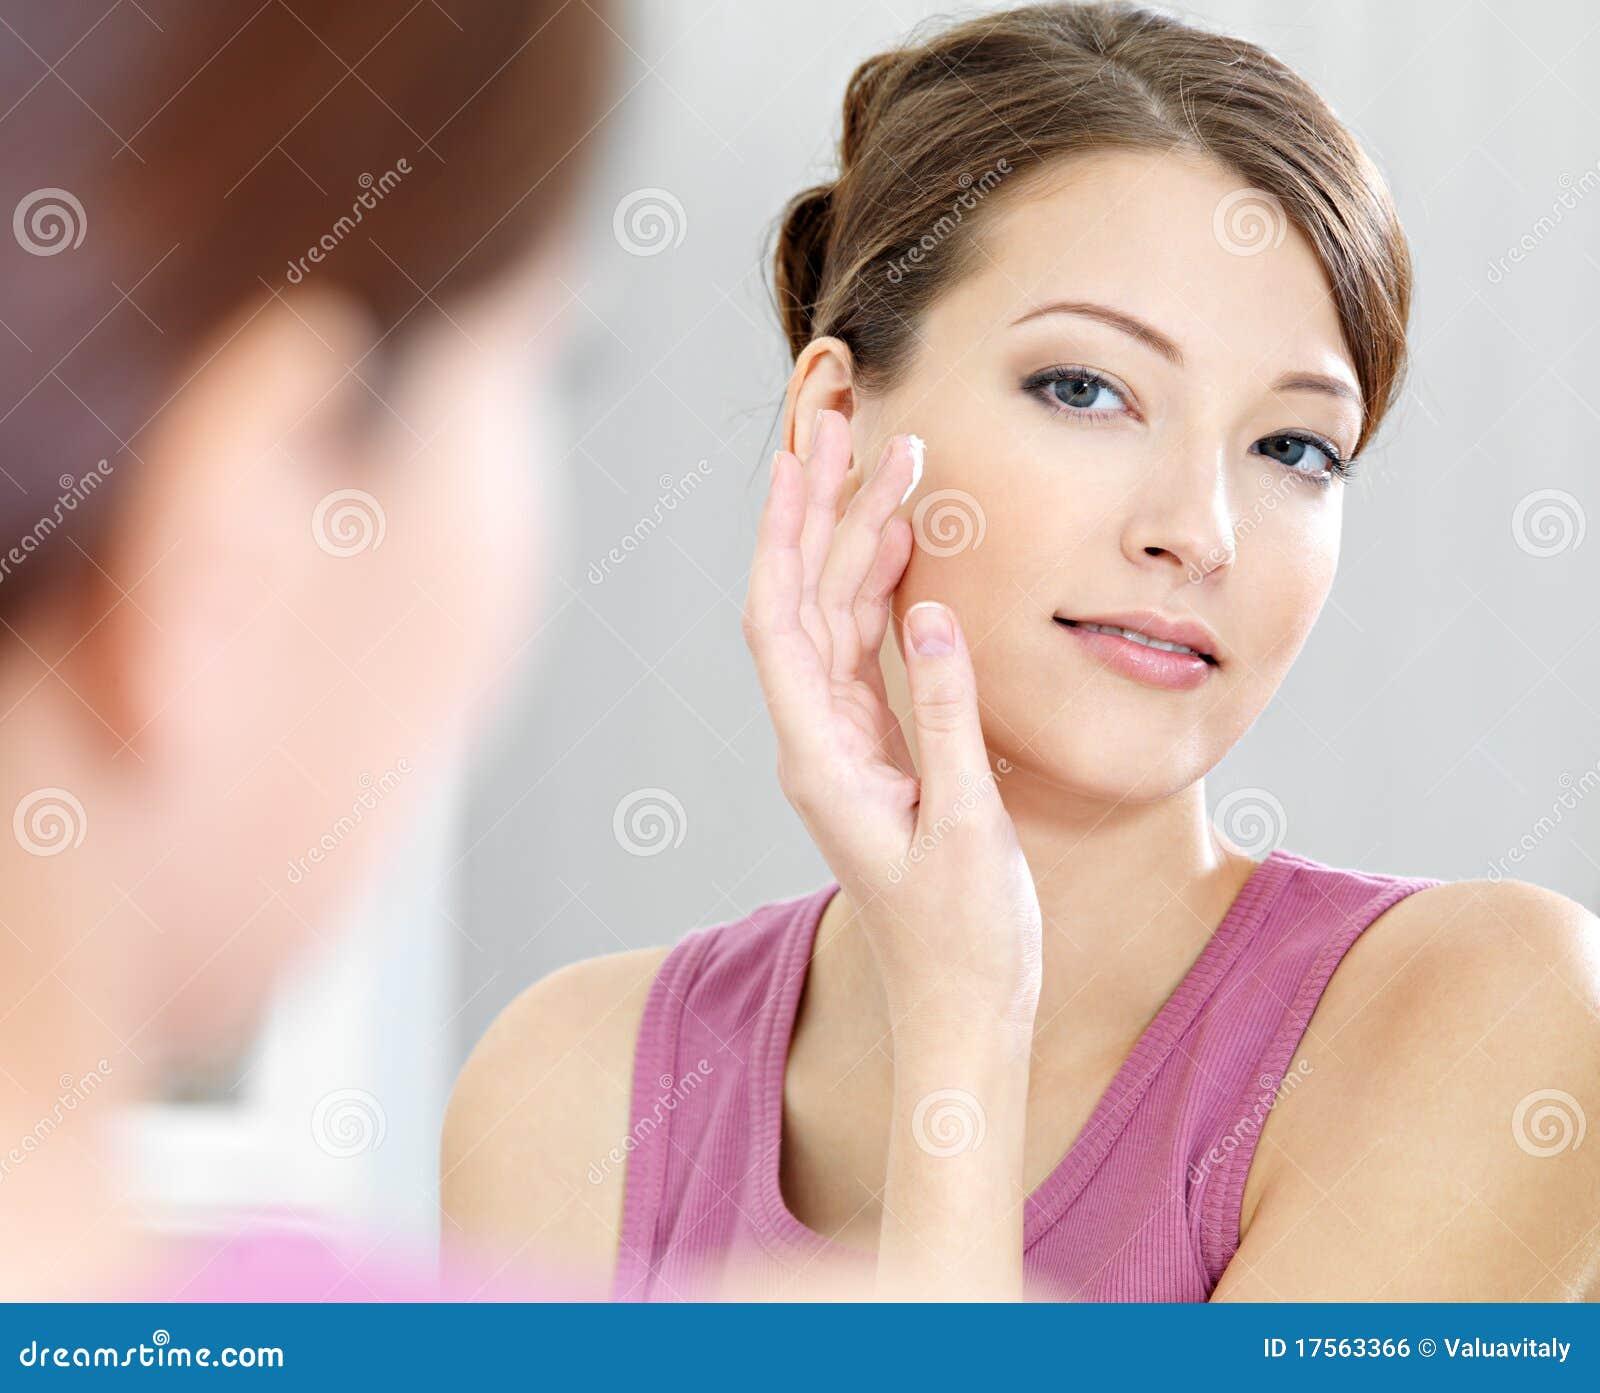 soins de femme de sa belle peau sur le visage photo stock image du frais femelle 17563366. Black Bedroom Furniture Sets. Home Design Ideas